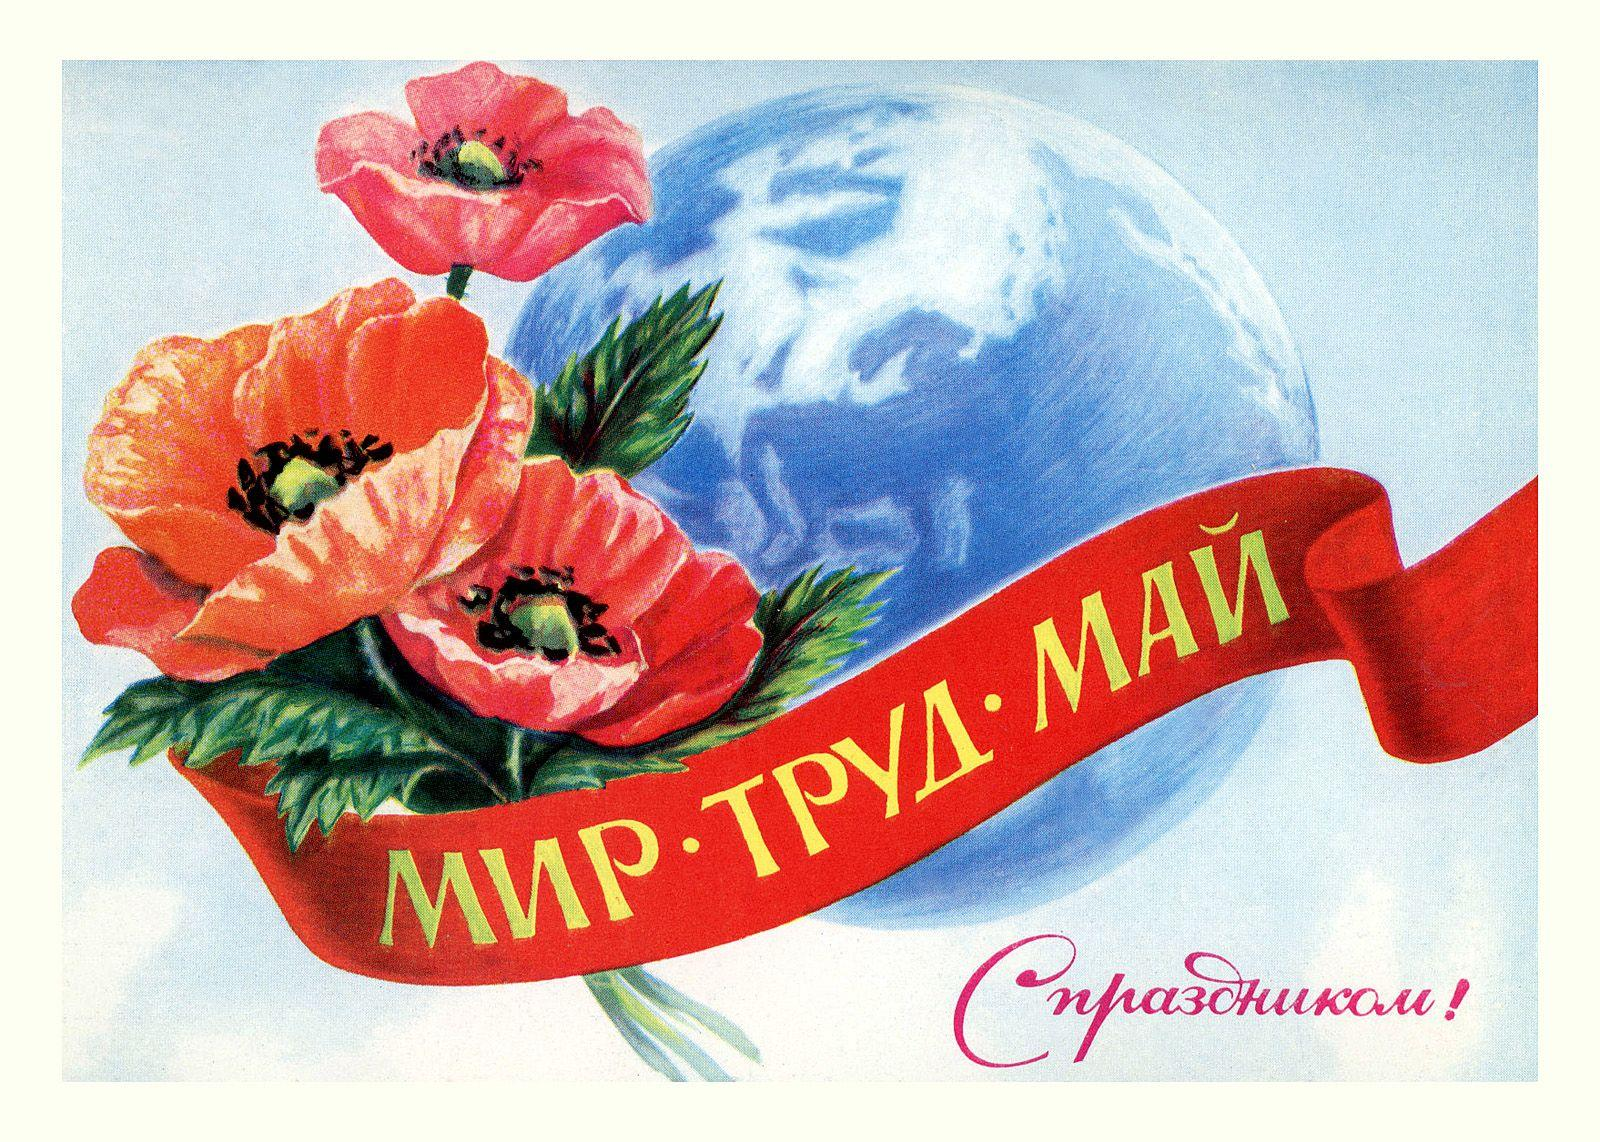 фото Мир! Труд! Шашлык! - прикольные открытки и поздравления с 1 мая 7